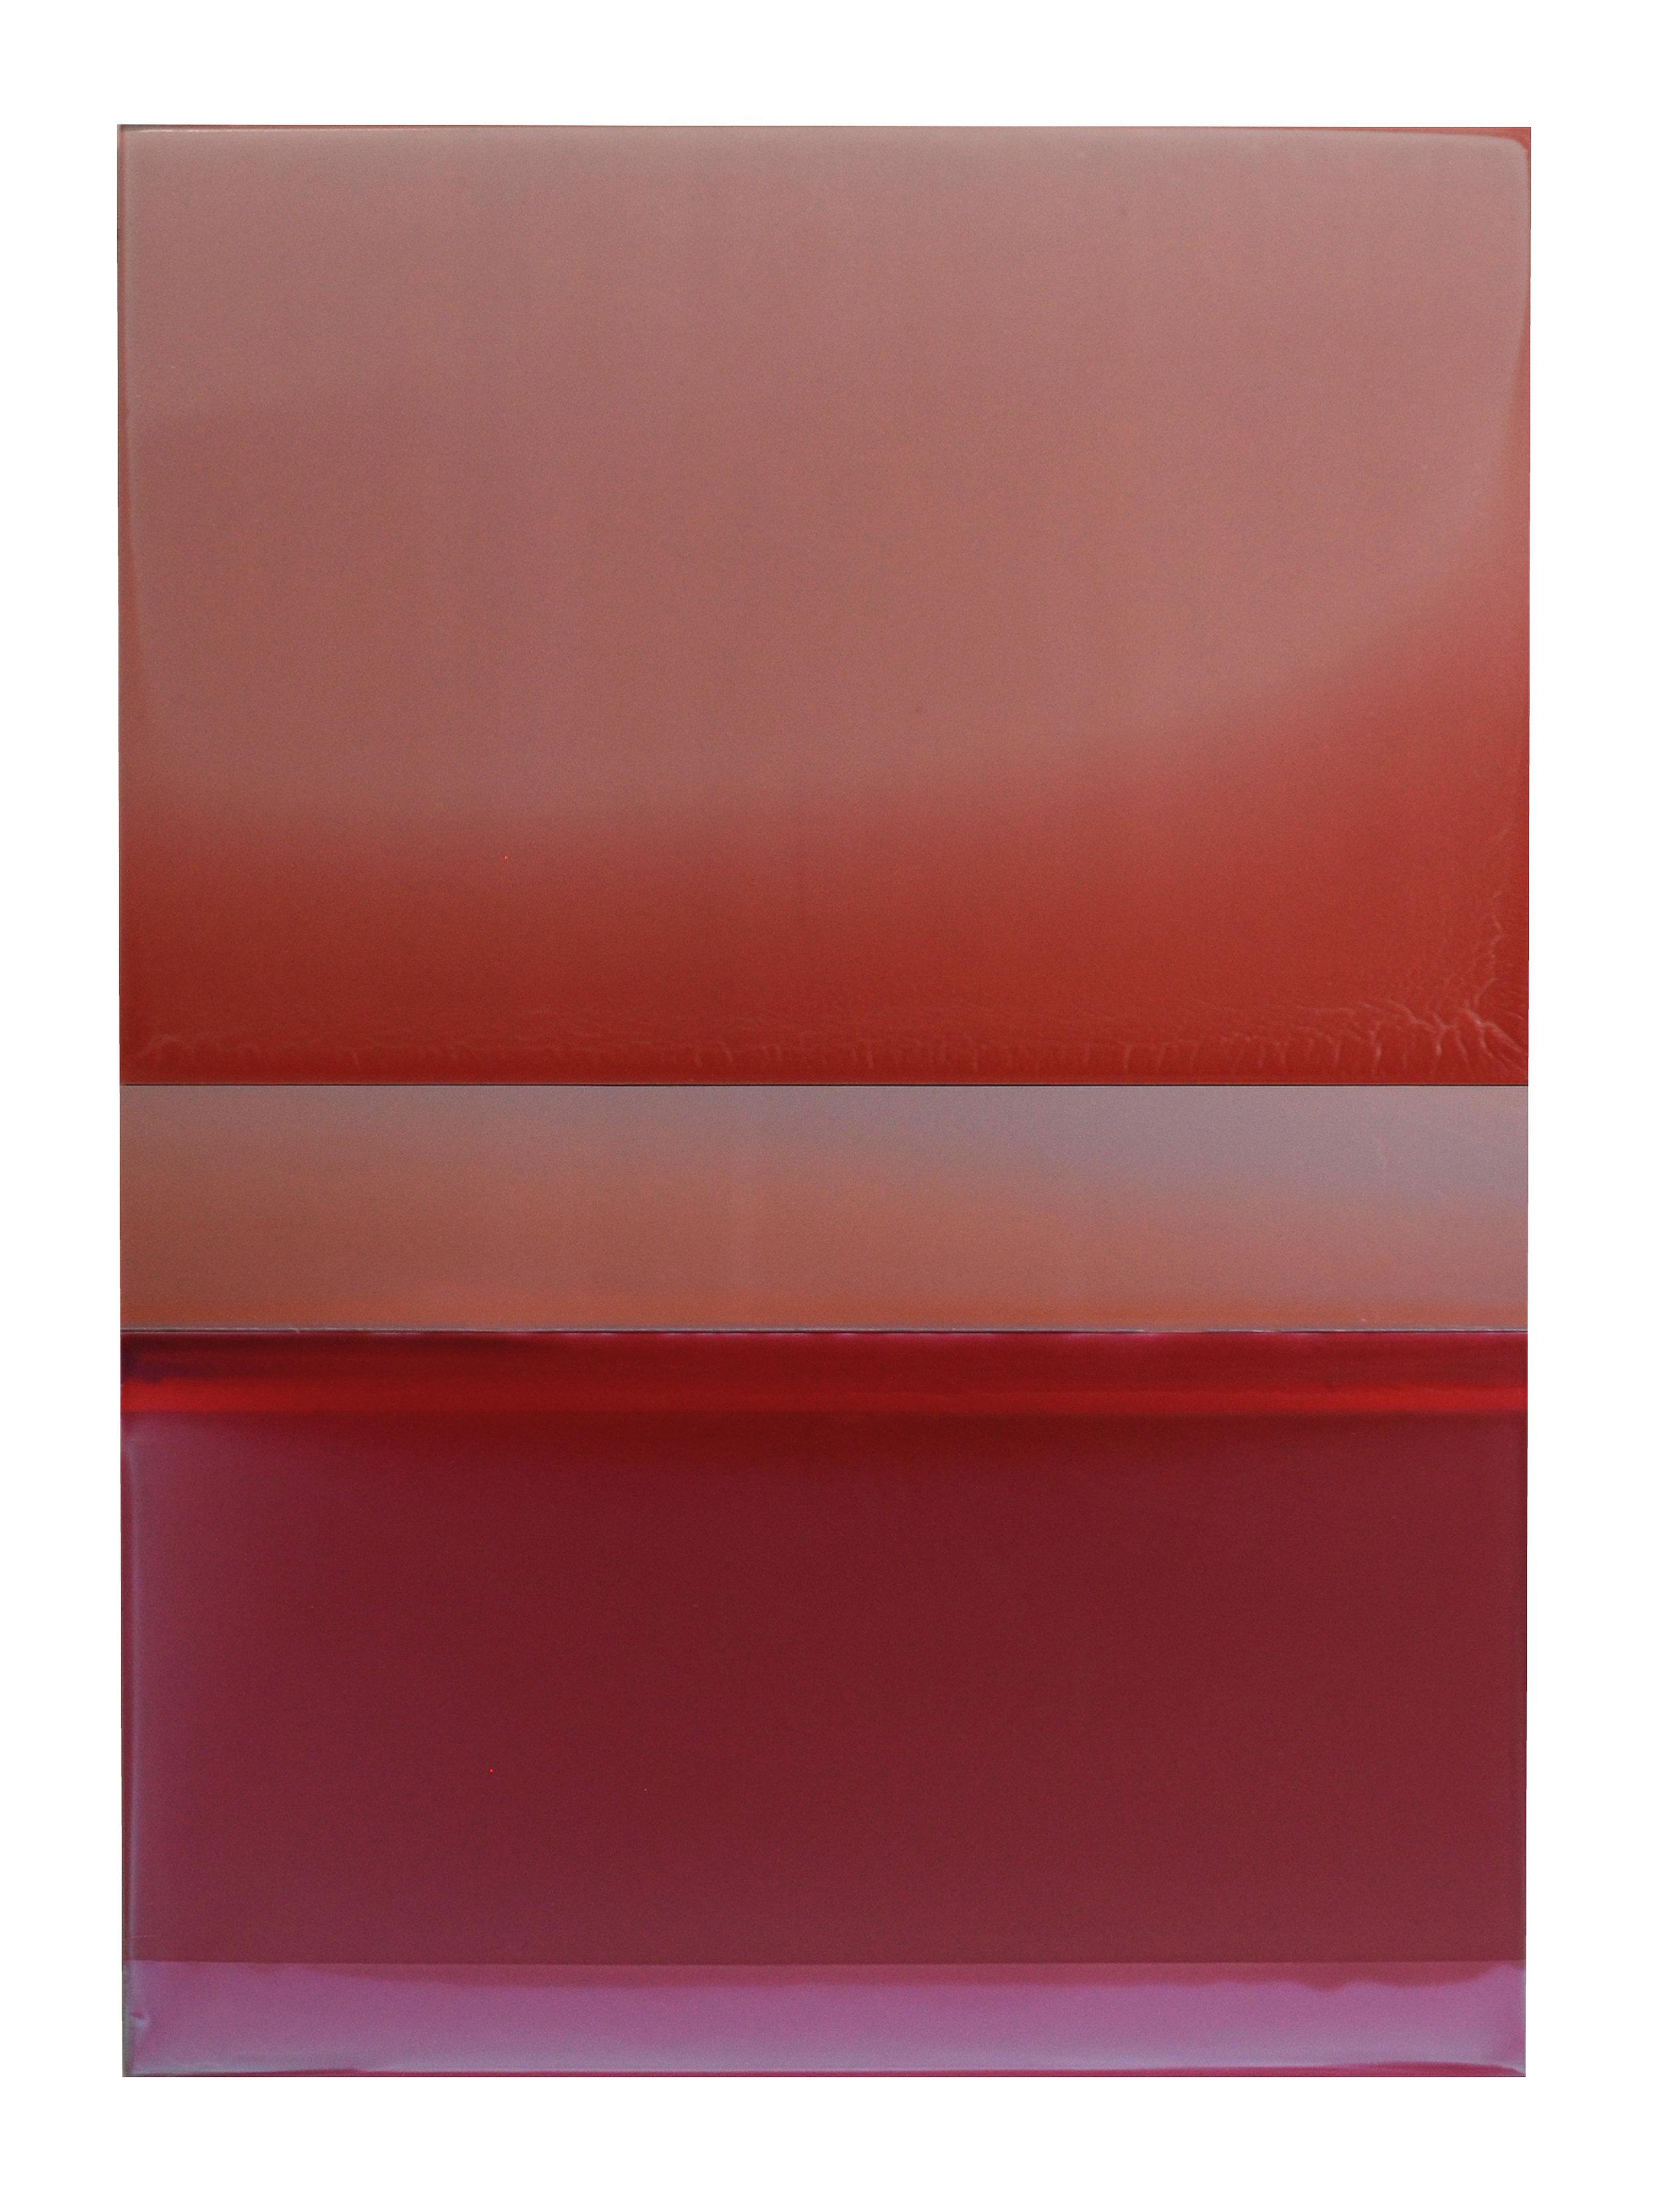 NYFA10_Kermes and Cochineal_2017_33x24_tinted polymer on panel.jpeg